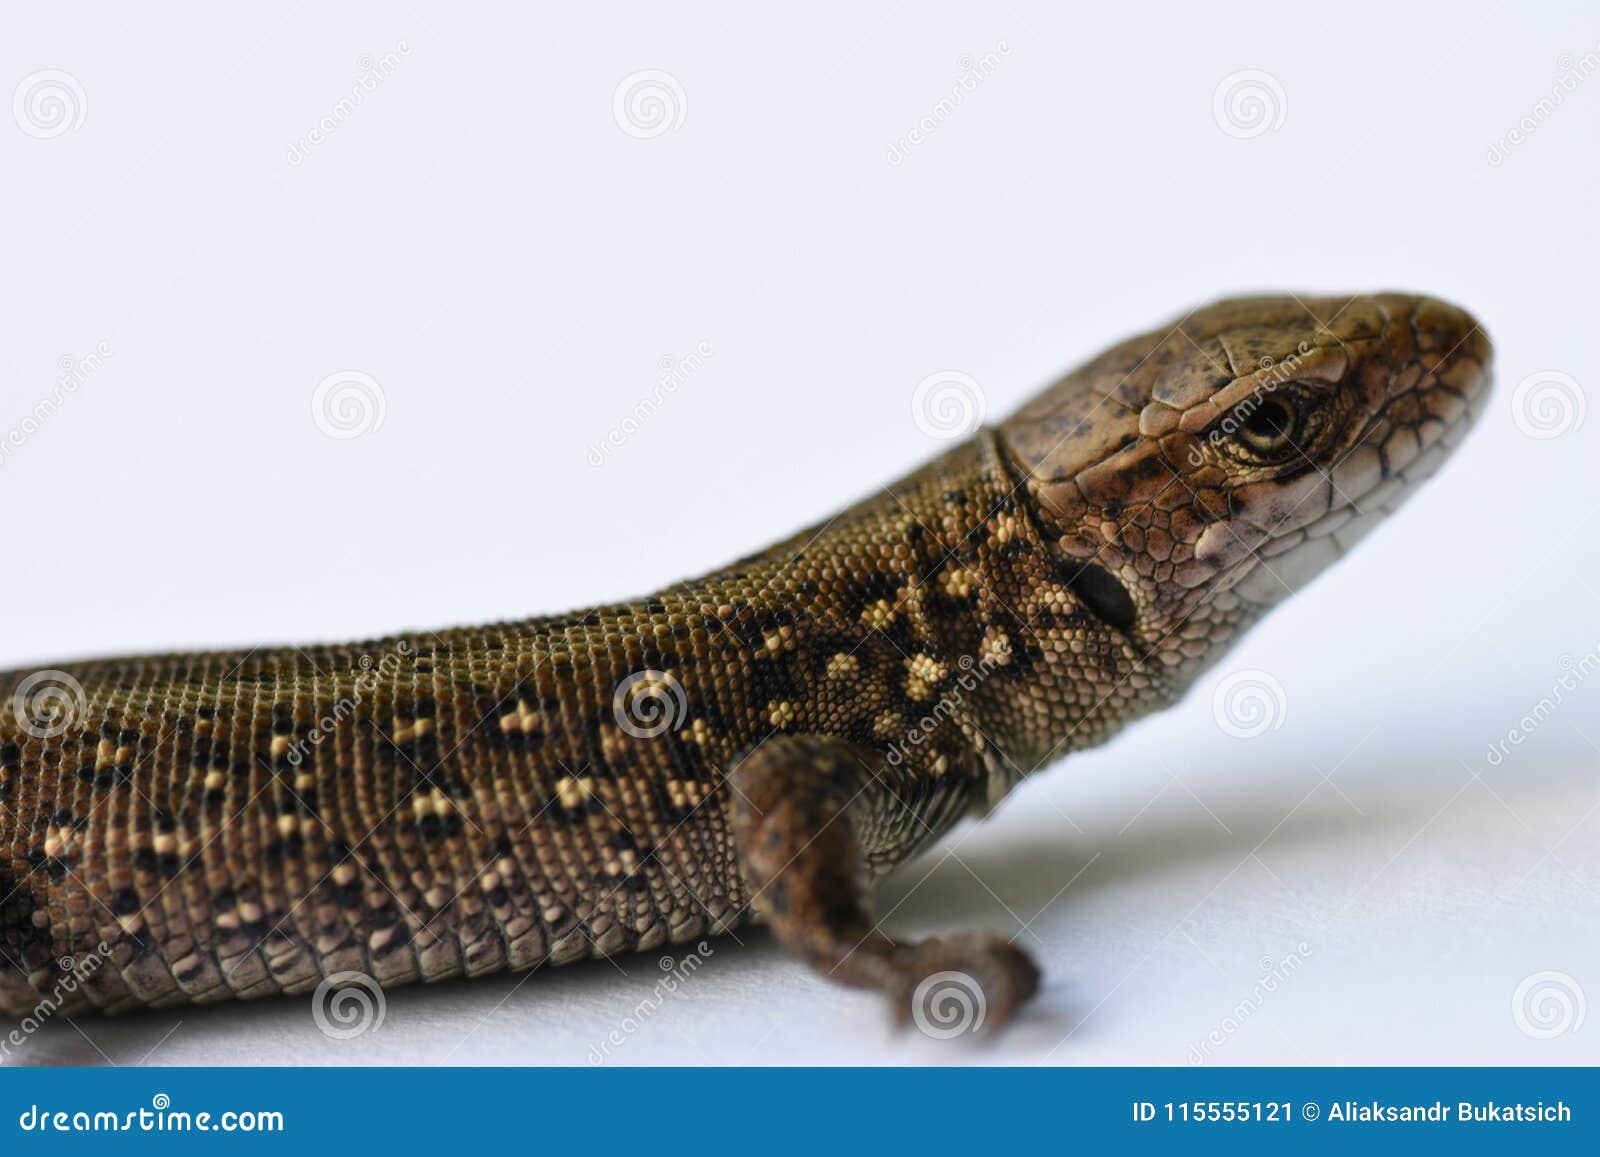 Σαύρα, αρπακτικό ζώο, κυνήγι, ερπετά, salamander, αγαθά δέρματος, κυνήγι, δέρμα προβλήματος, μεταβαλλόμενη εμφάνιση, αυξανόμενα μ